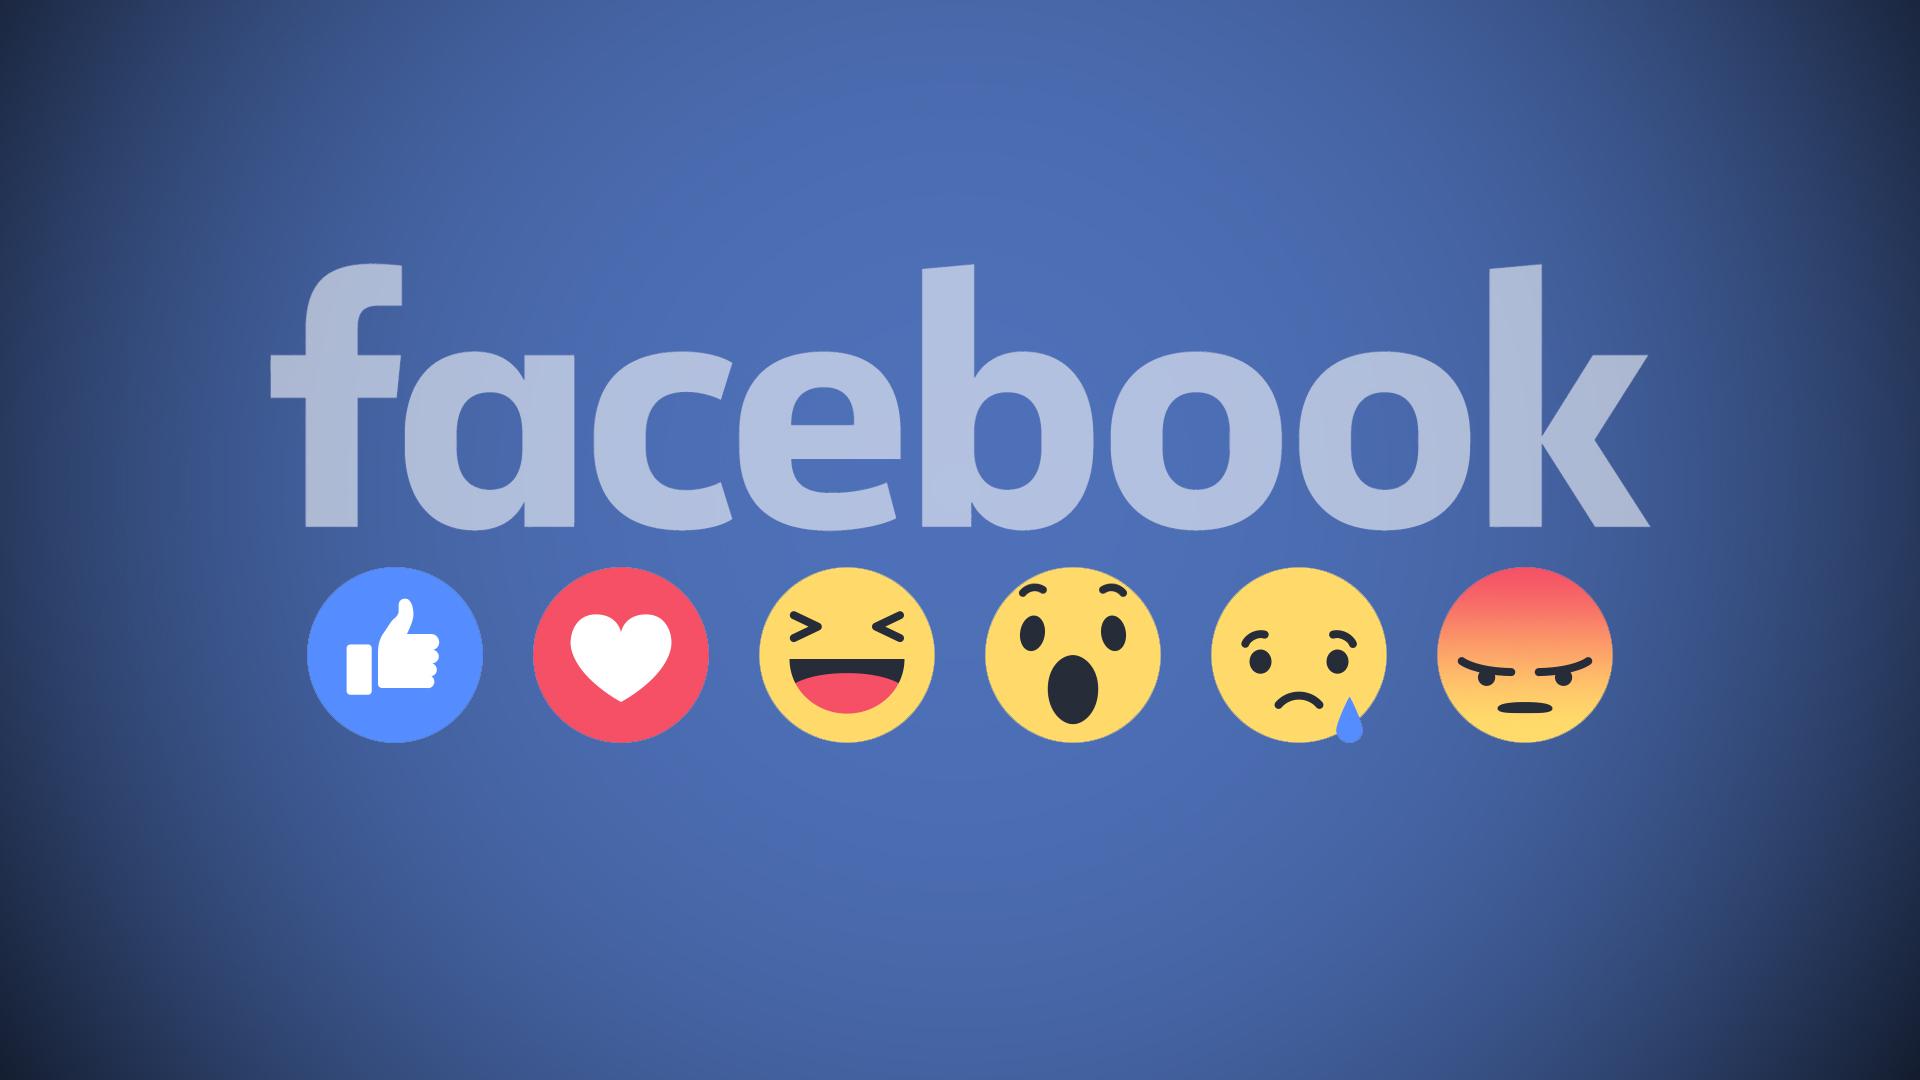 Bày tỏ cảm xúc cho bài viết Facebook